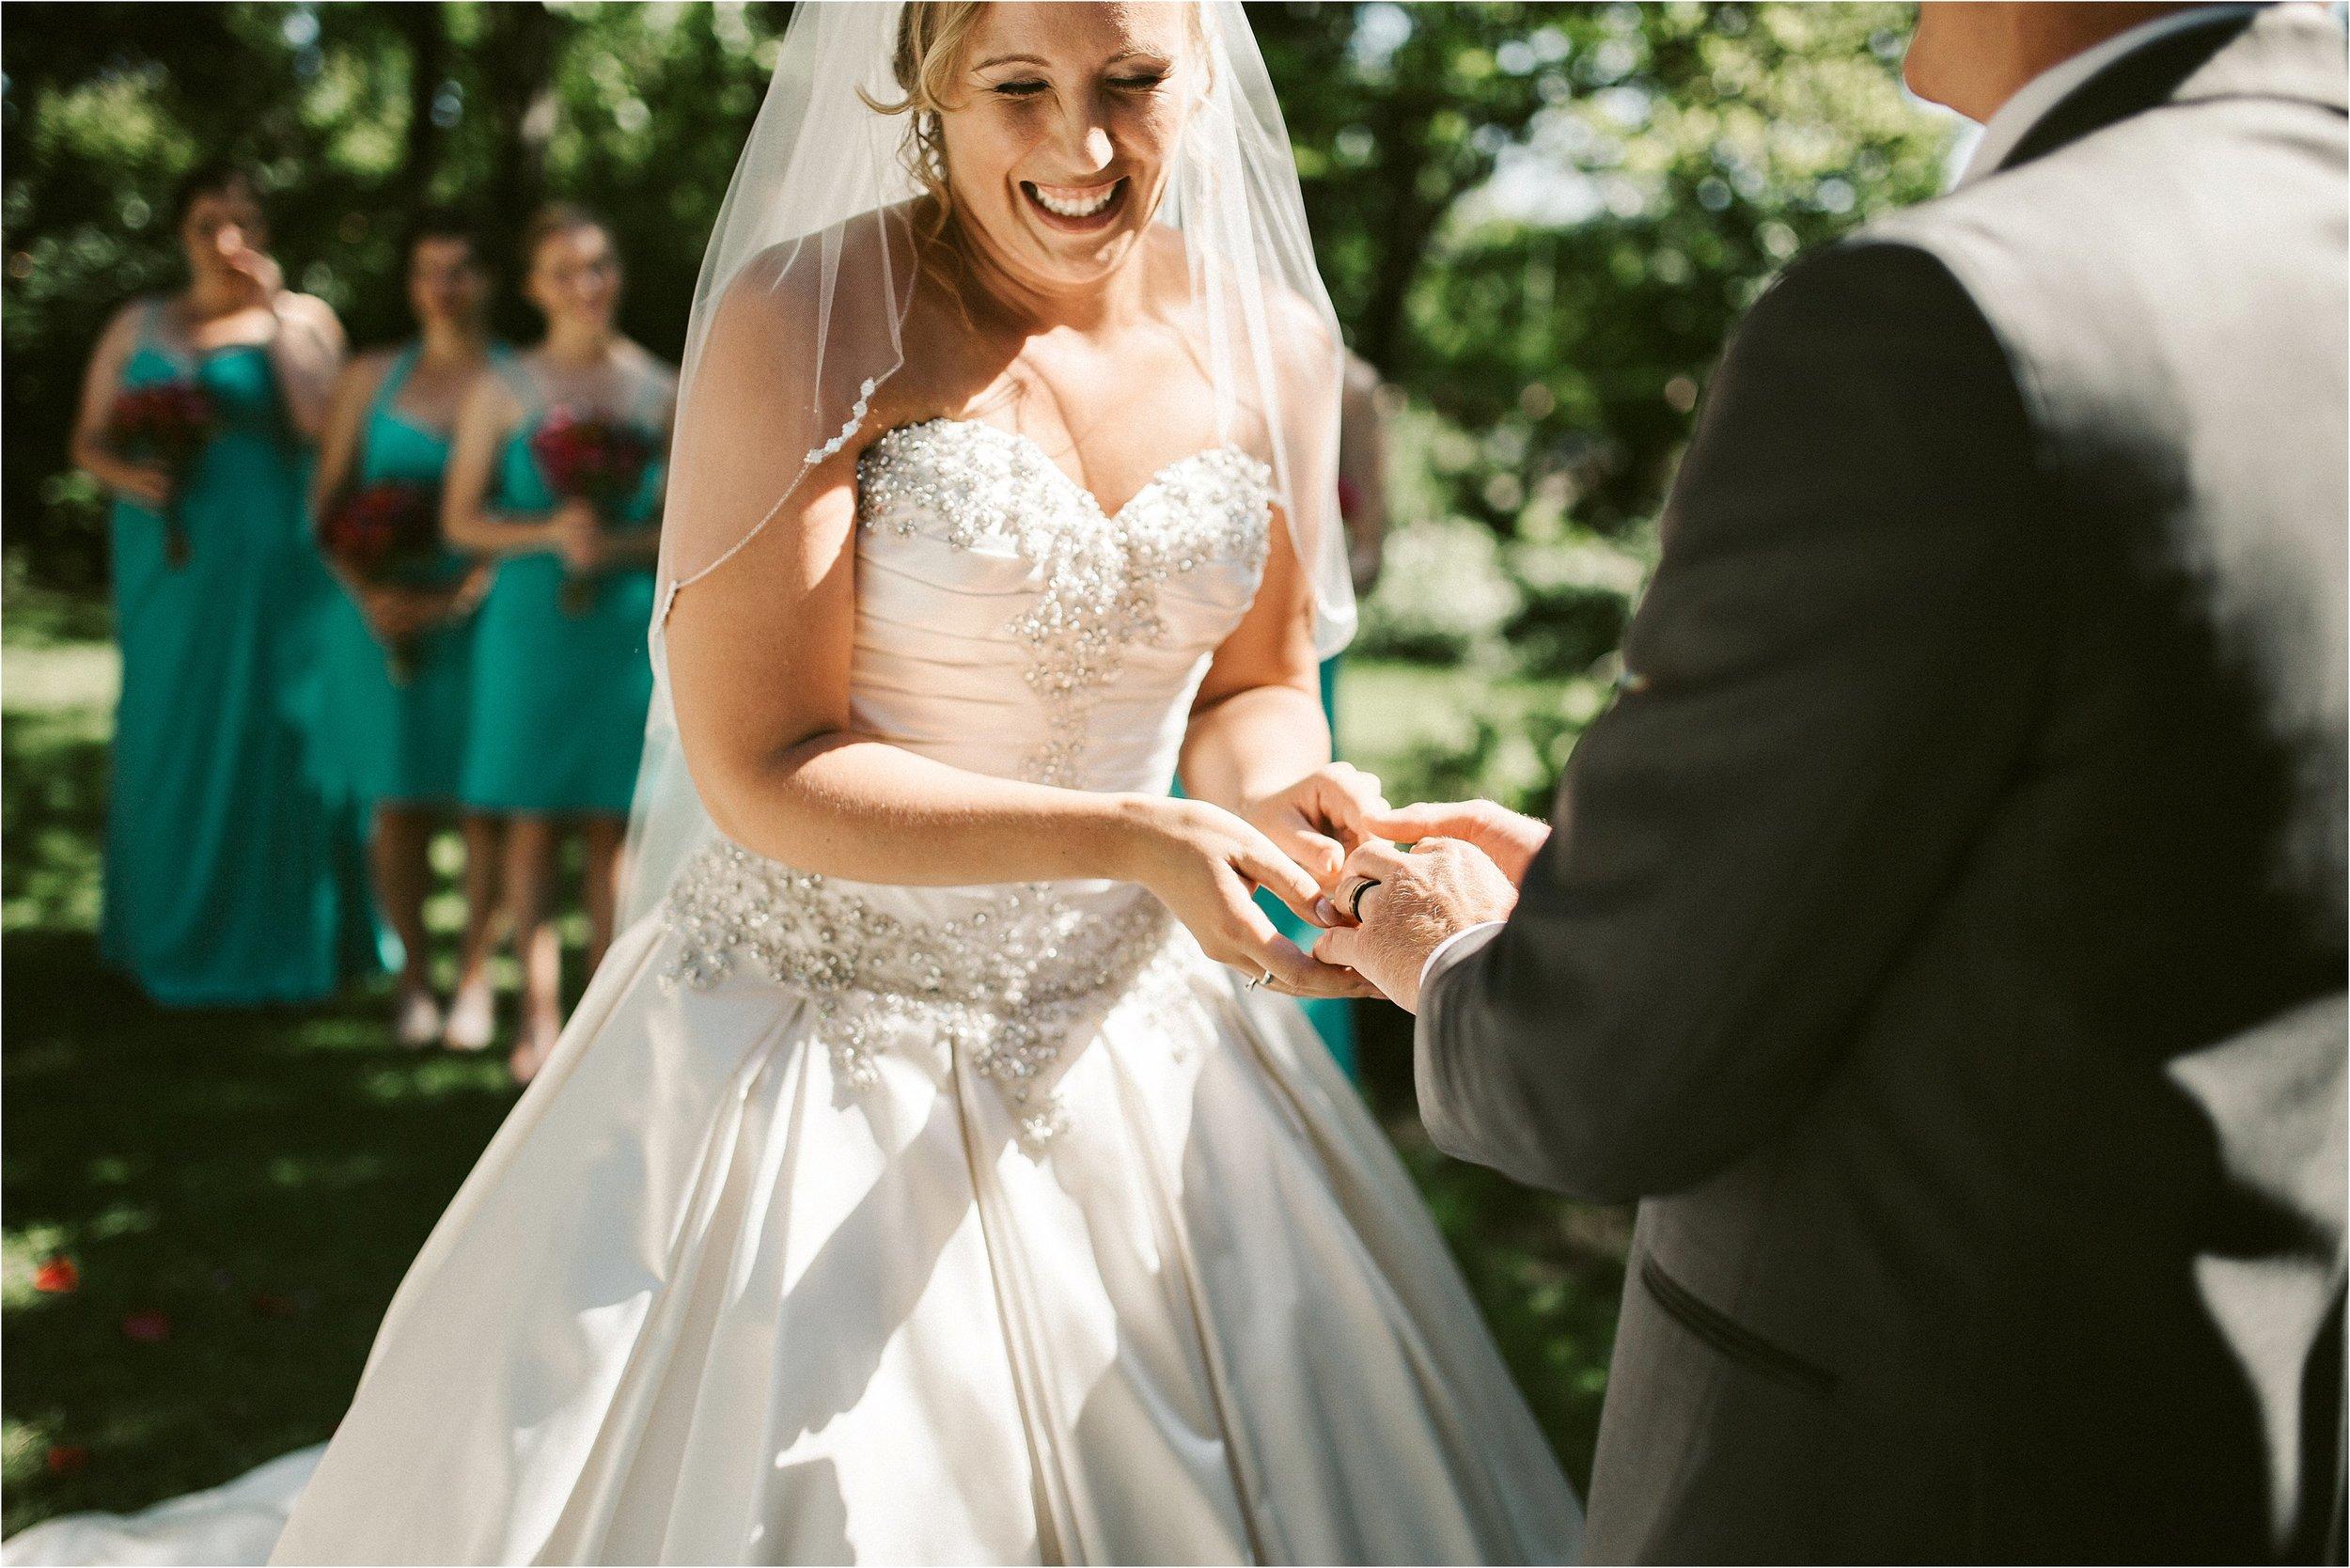 mcmenamins-wedding-portland-oregon_0097.jpg